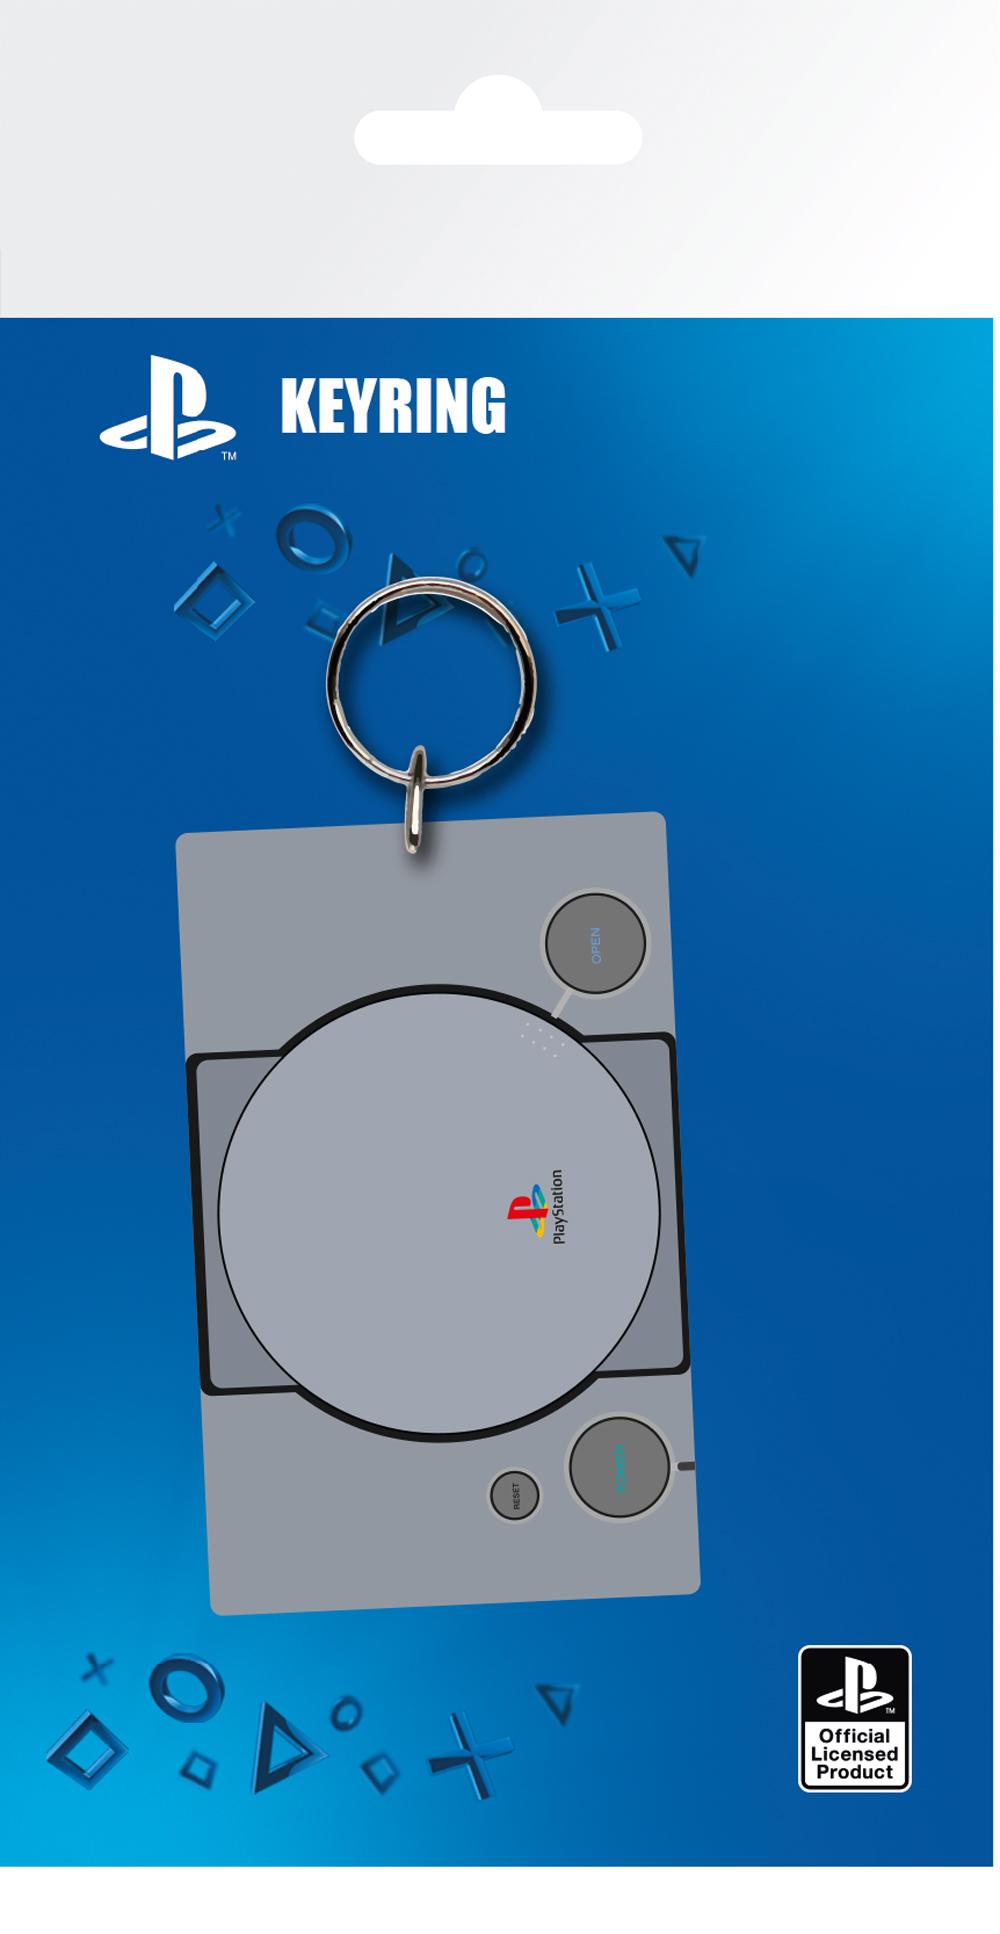 Playstation keyring